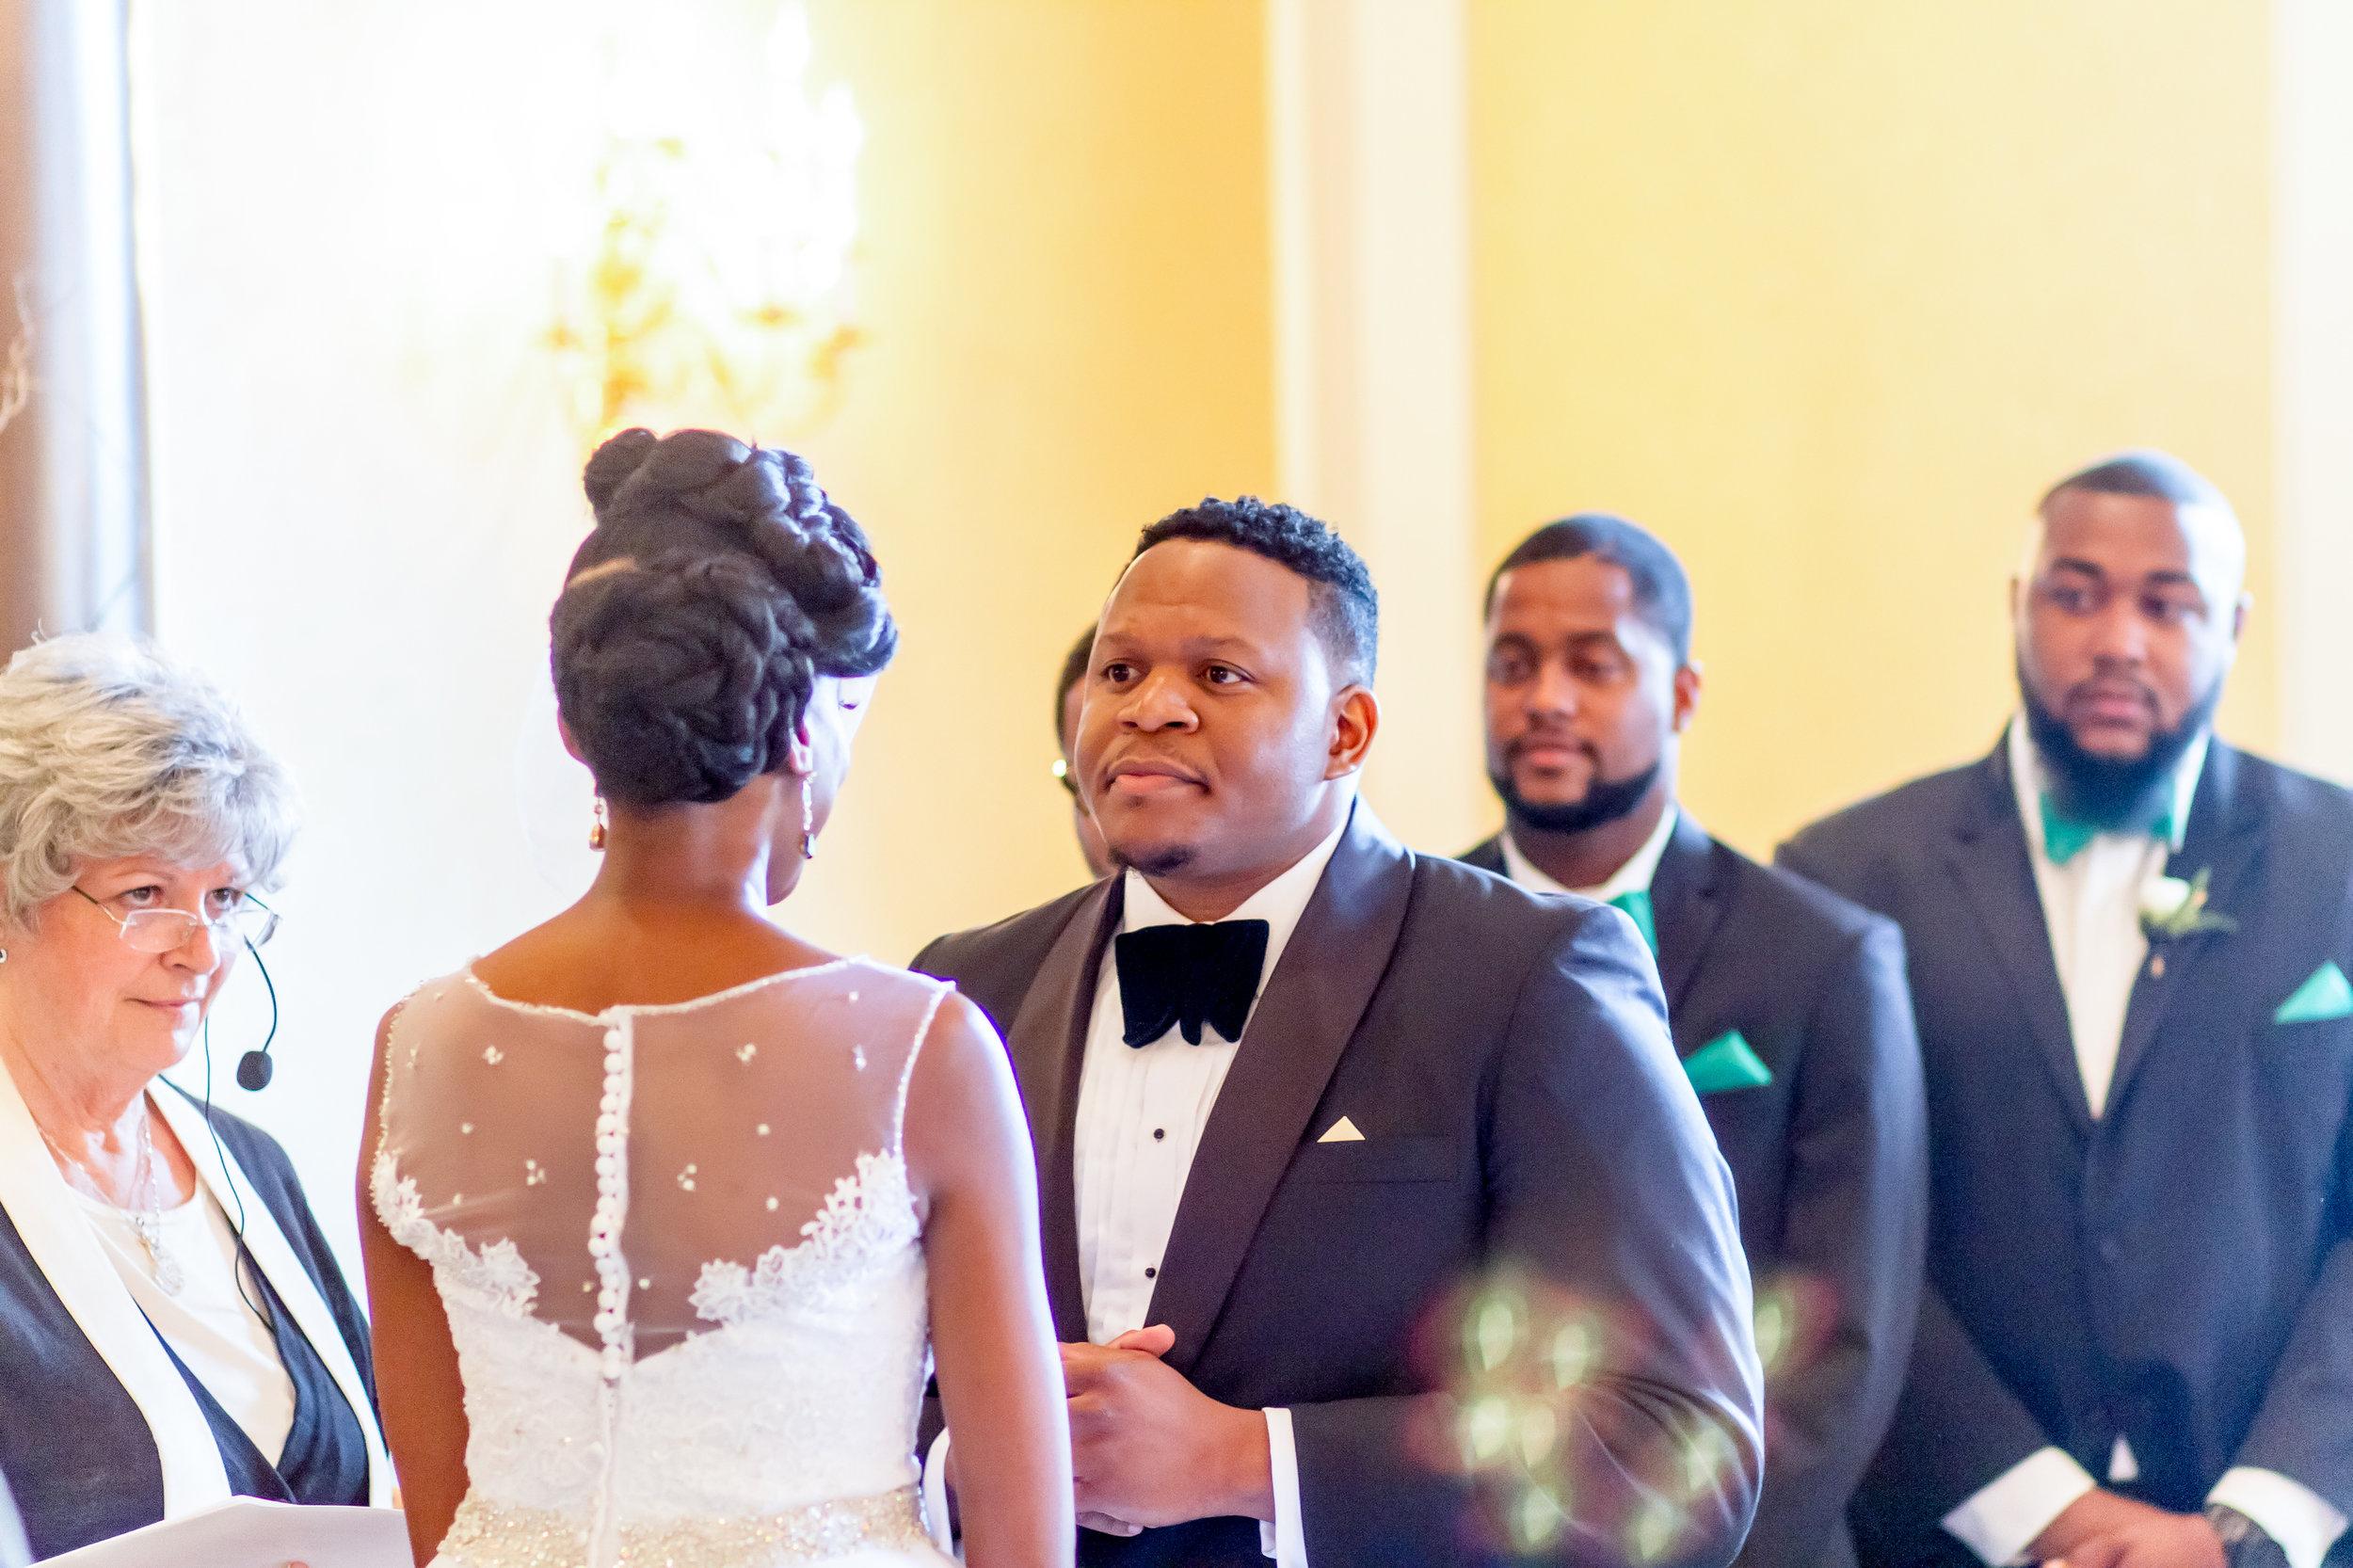 chenai_wedding_wire-32-2017_wedding_wire.jpg